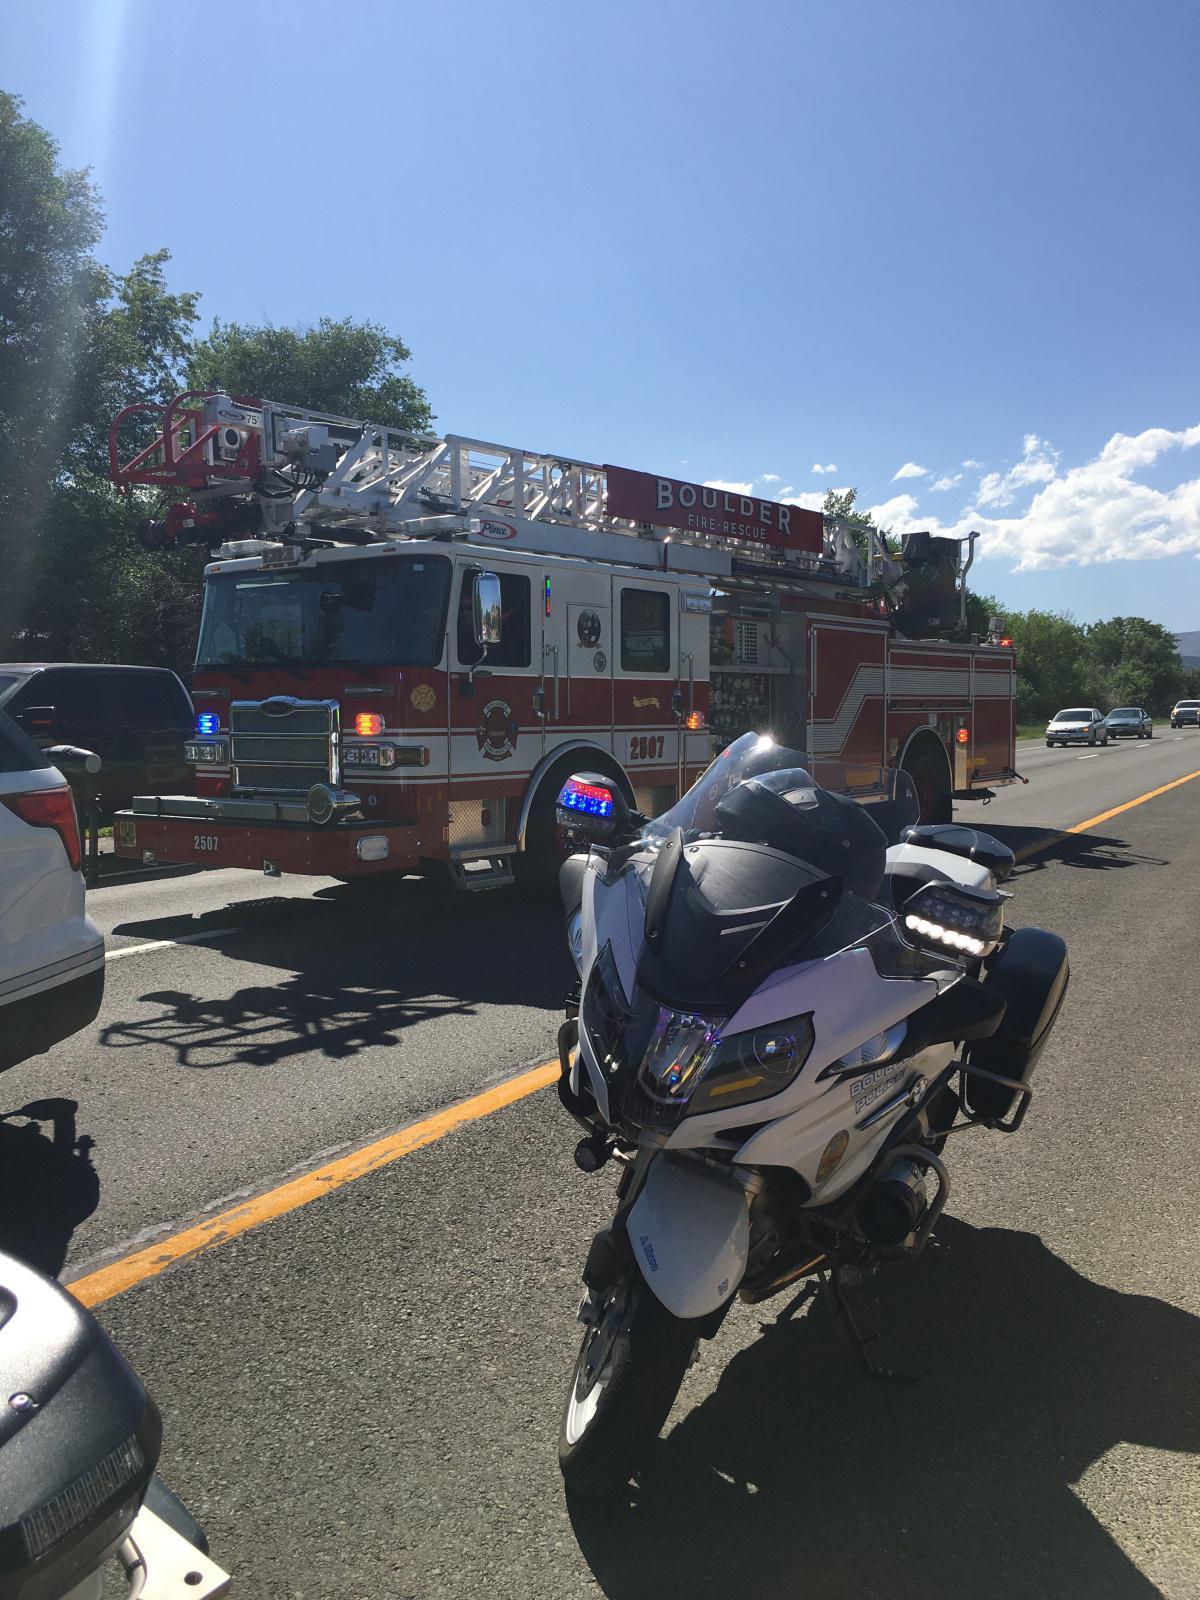 Traffic Alert: Officers investigating a multi-vehicle crash on Denver-bound HWY 36